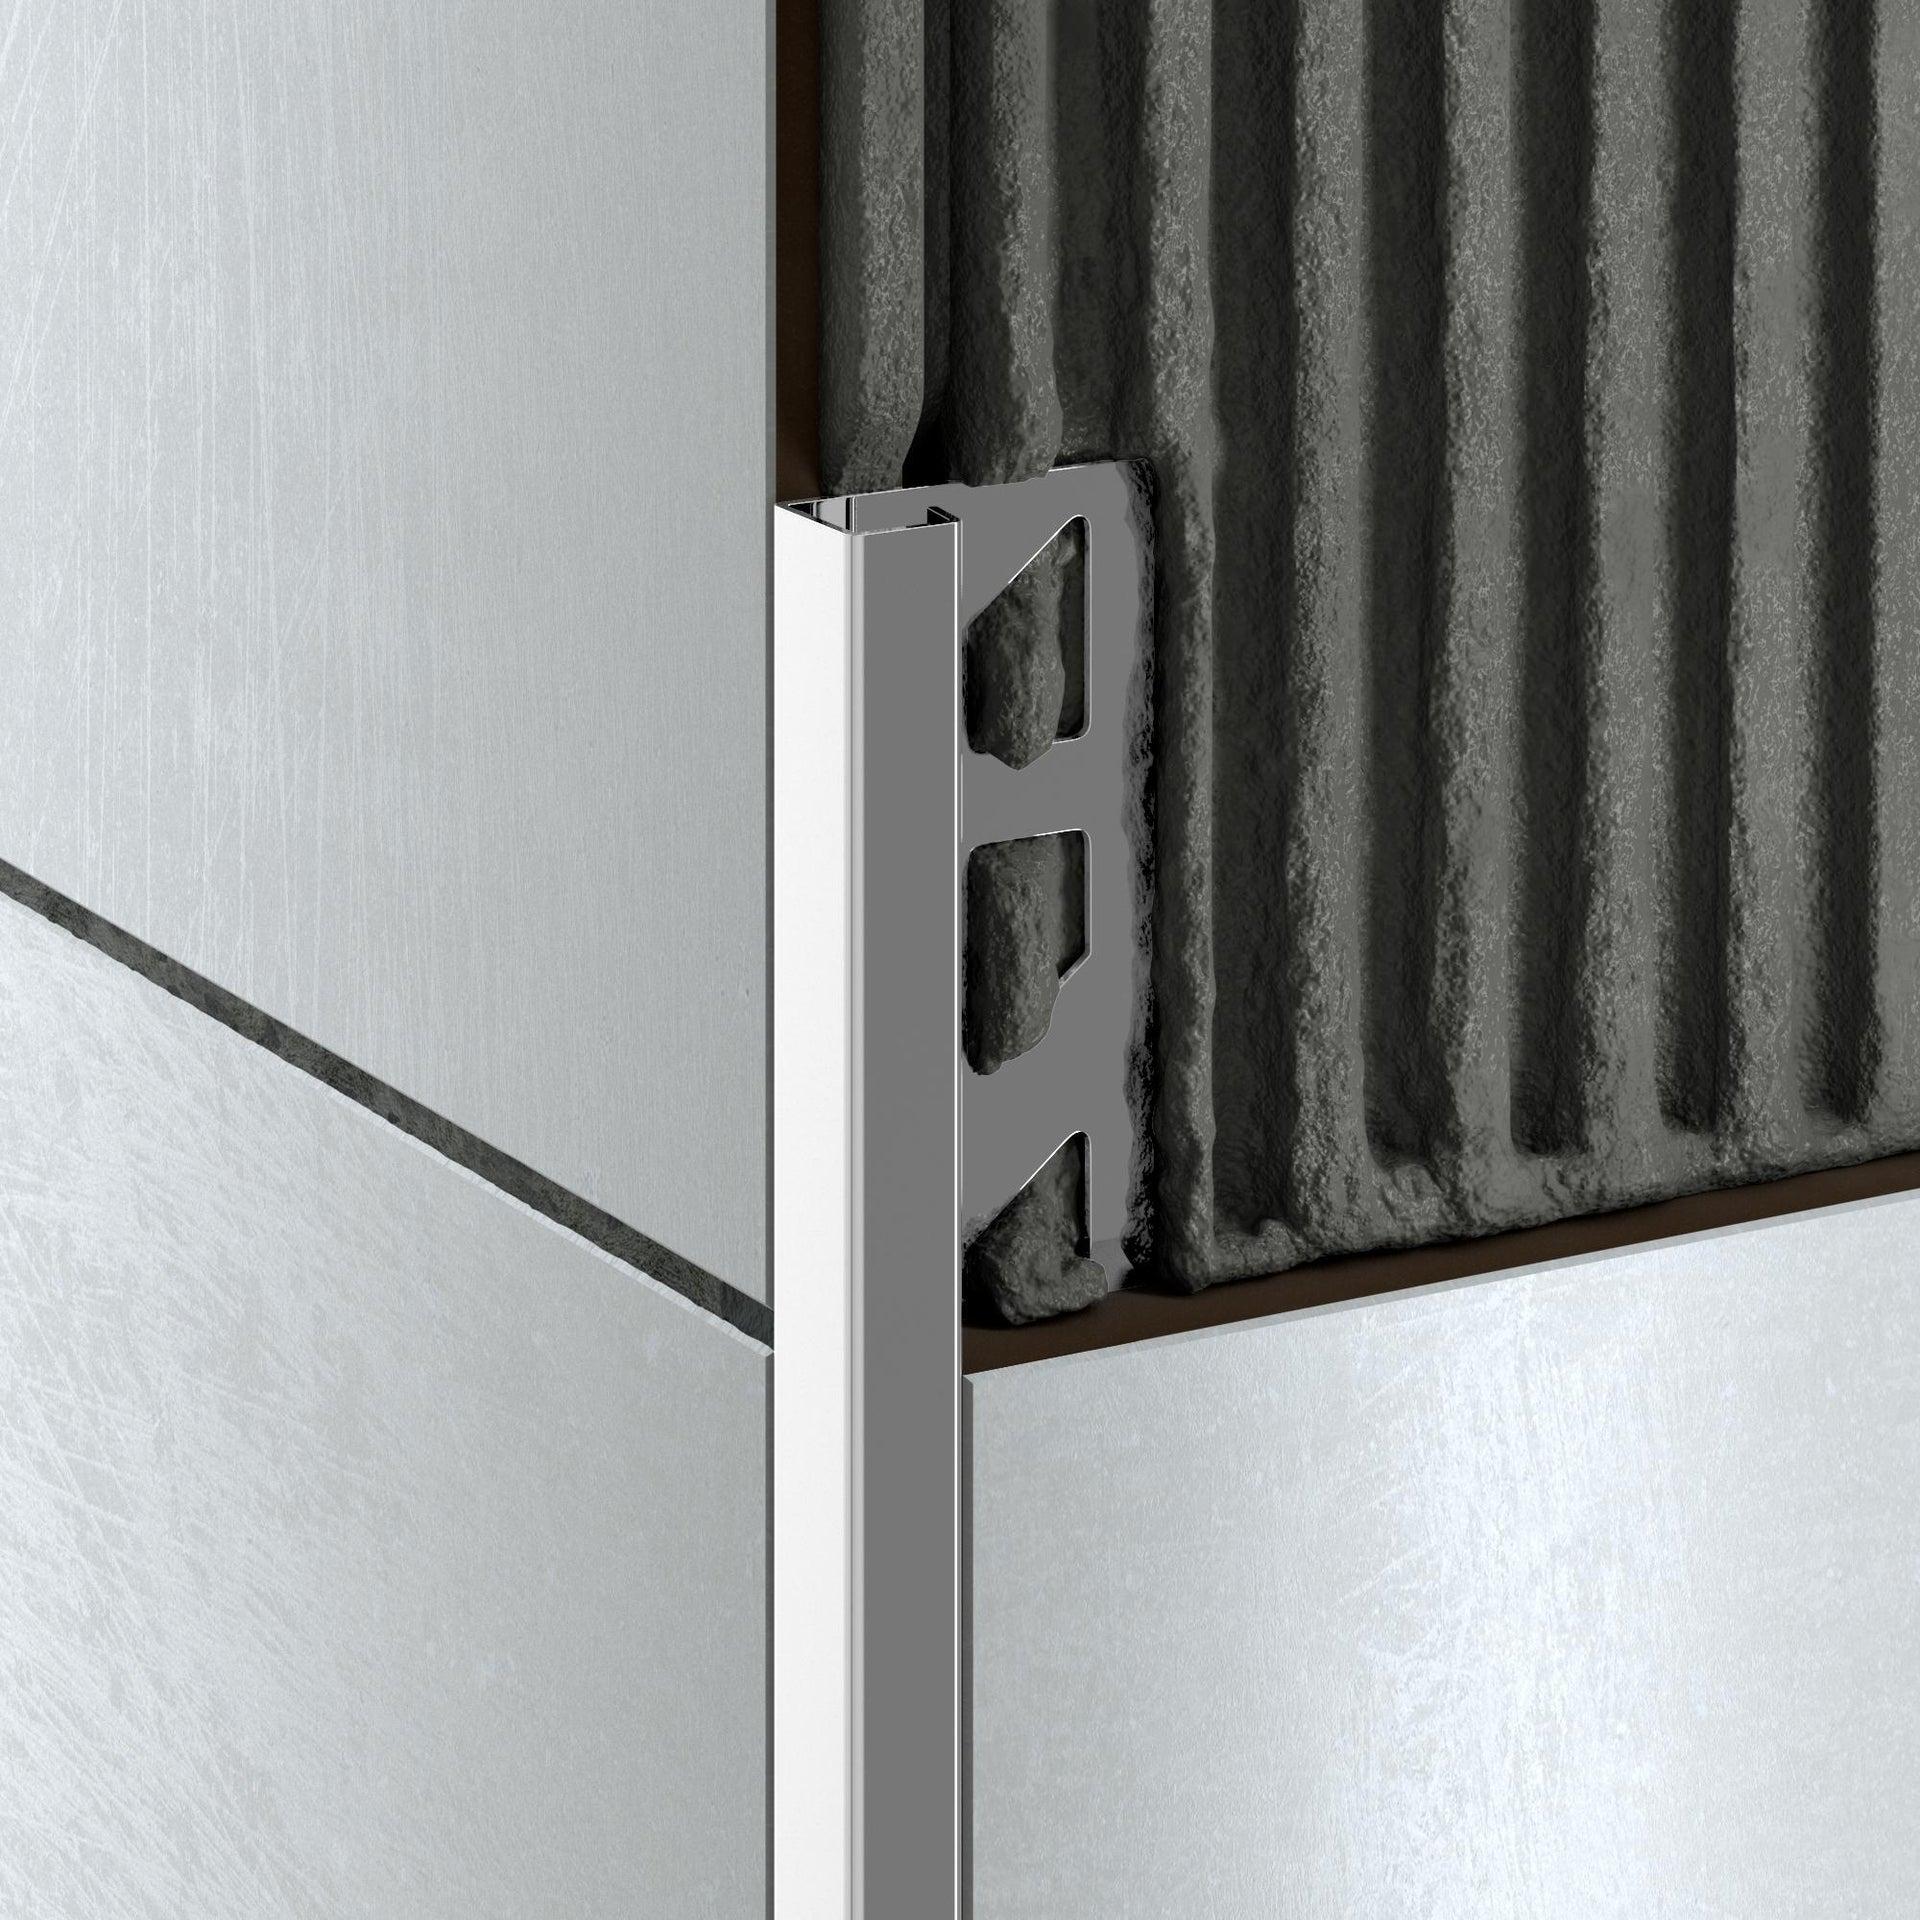 Profilo angolare interno inox 1 x 250 cm - 4